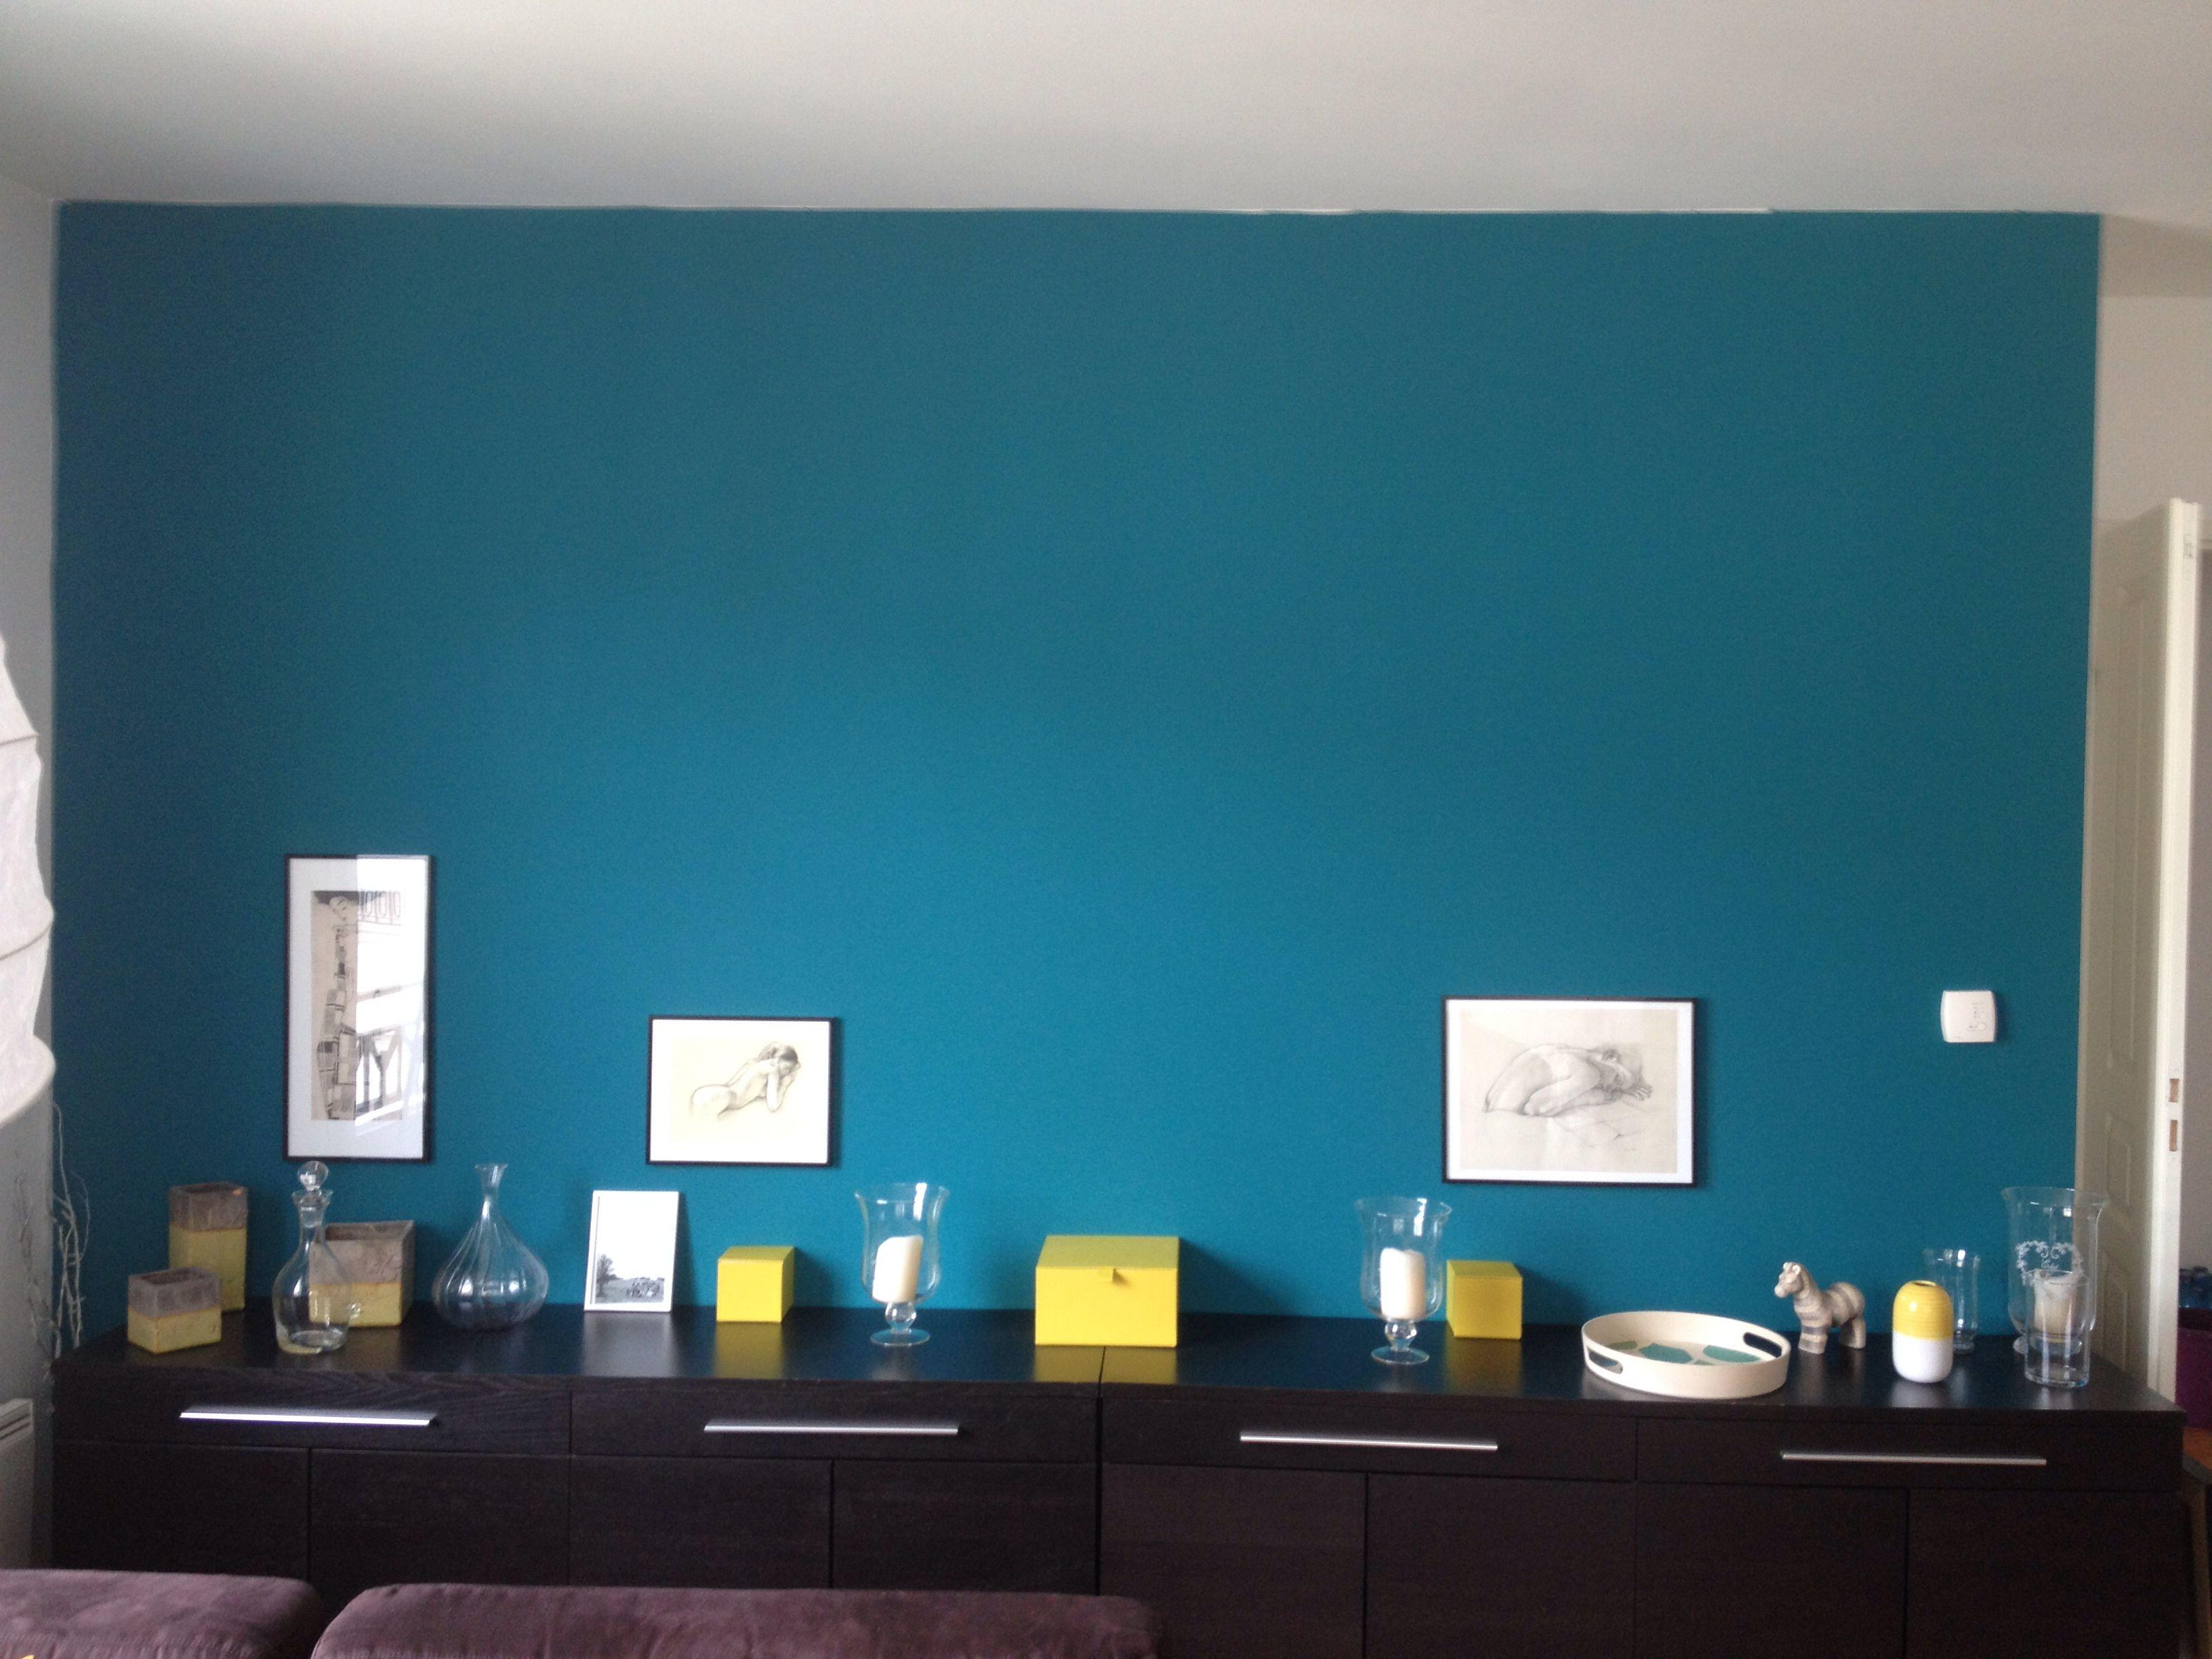 Mur salon bleu canard   Idée déco appartement, Déco maison